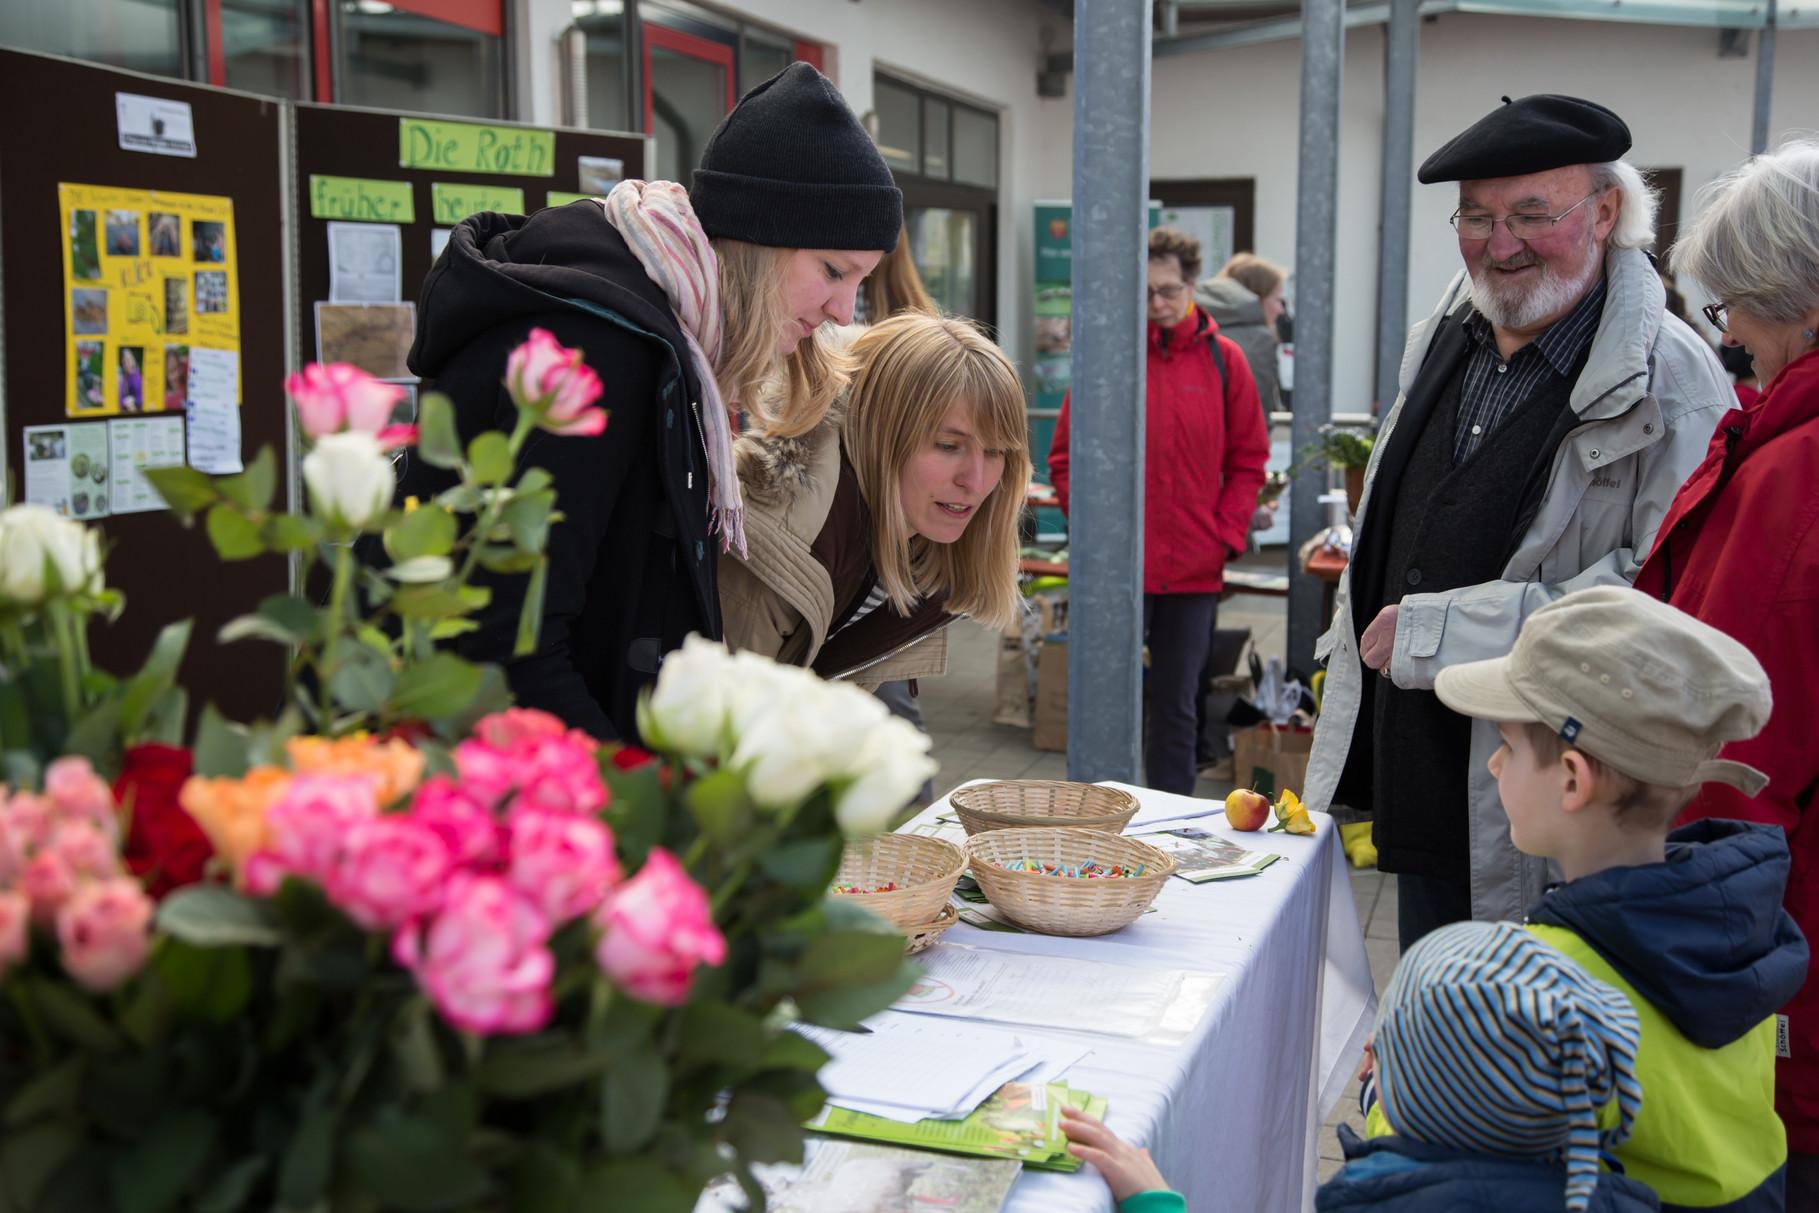 """Tombola mit tollen Preisen! Die schönen fair gehandelten Rosen wurden am Weltfrauentag verschenkt - die Spenden für die Rosen gehen an den """"Bunten Kreis"""" (Tour Ginkgo)"""